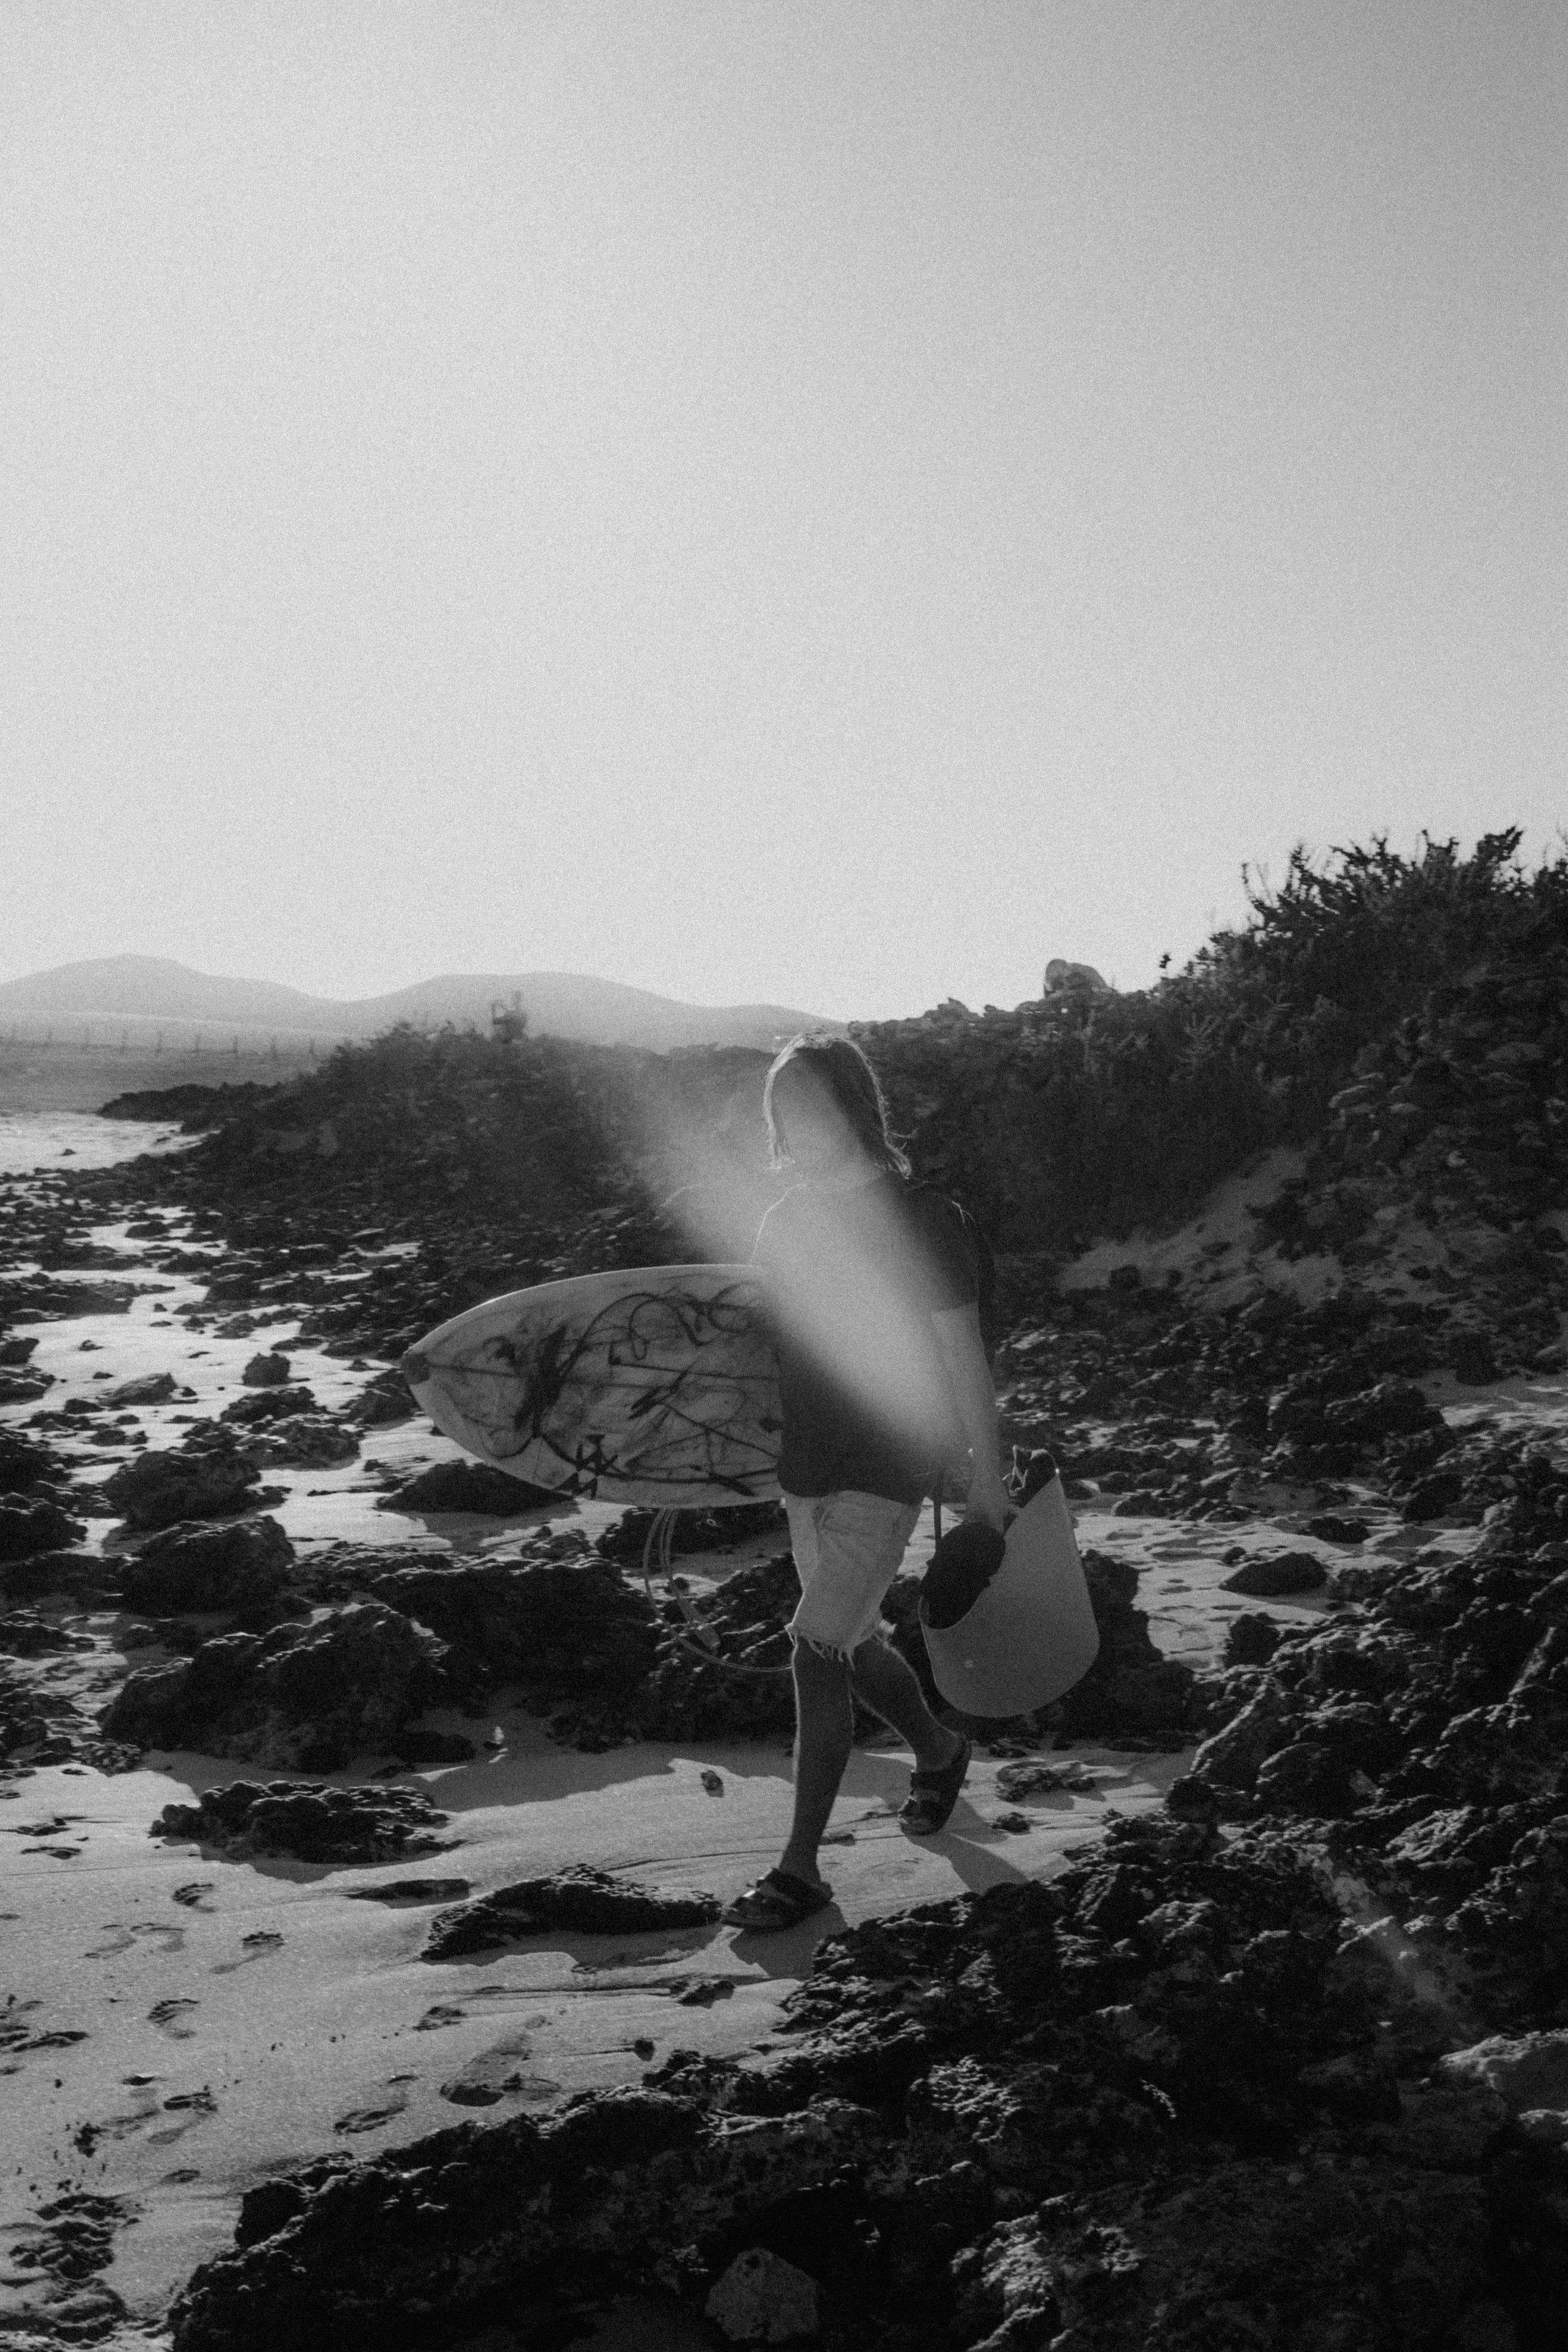 erik_winter_surf_surfing_1020.jpg